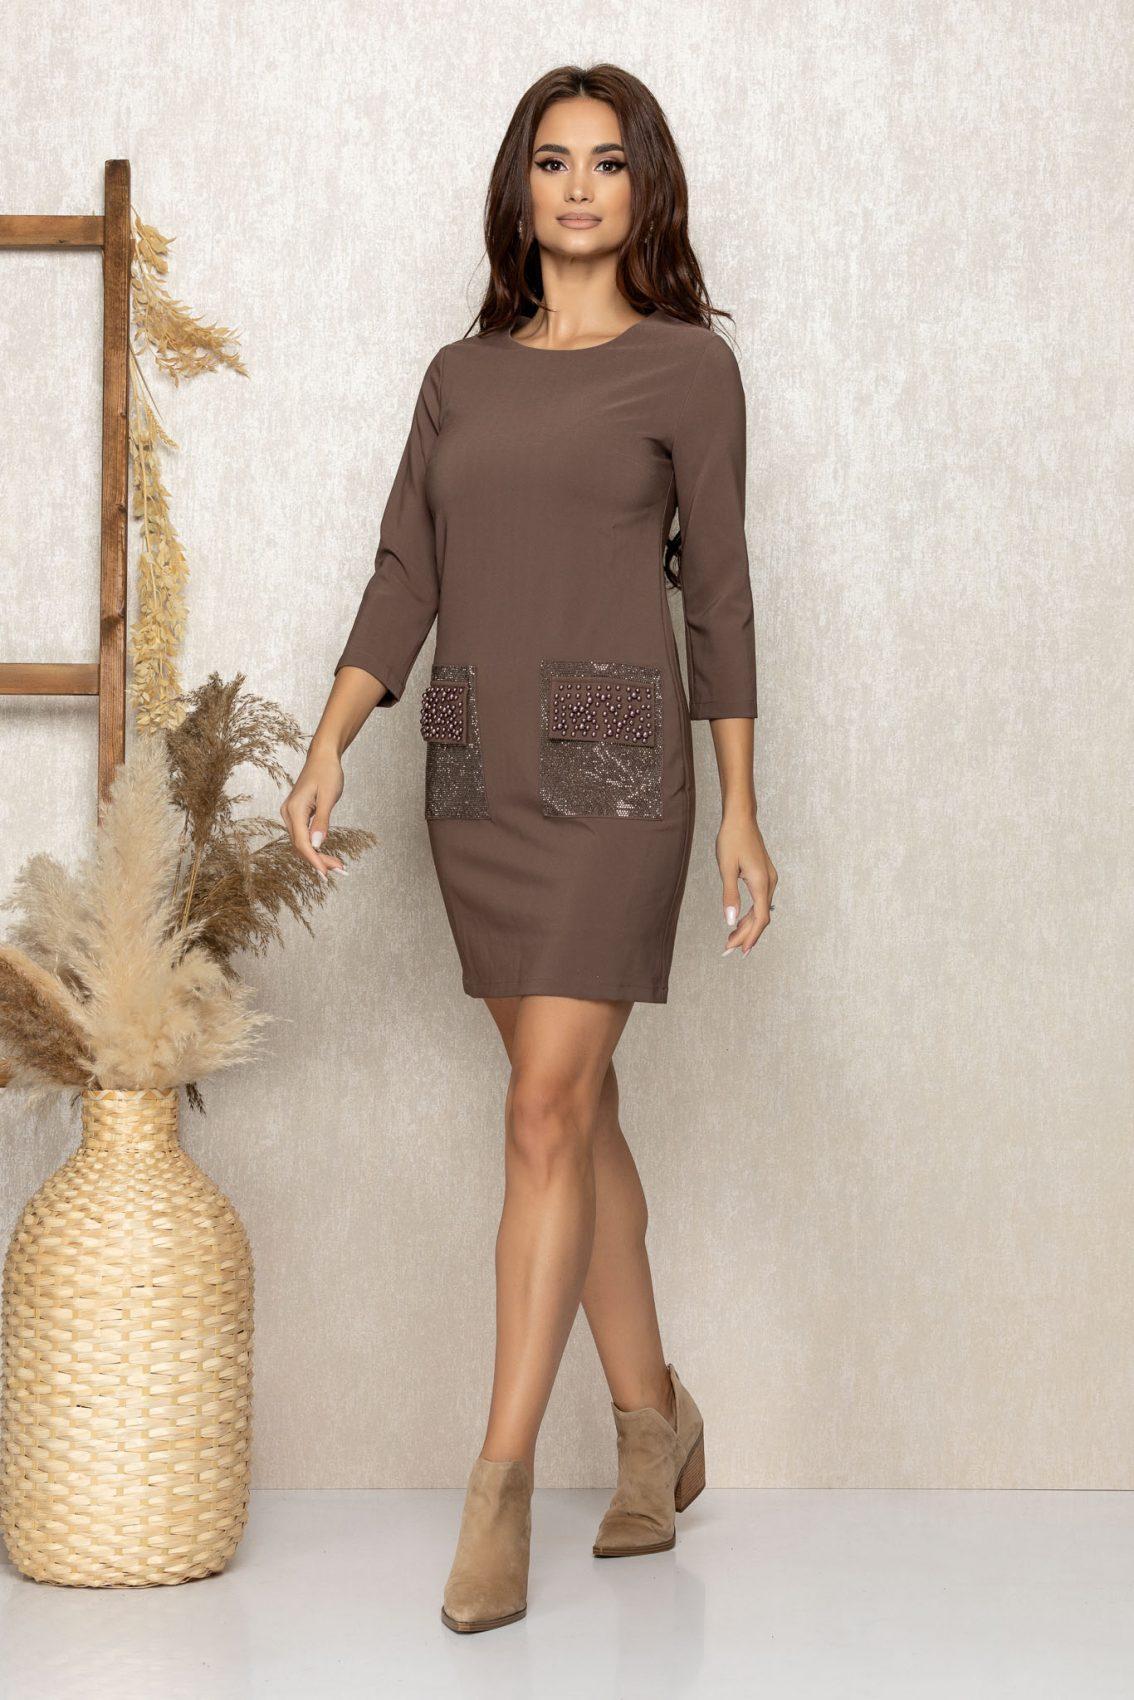 Καφέ Φόρεμα Με Πέρλες Merve 9270 1